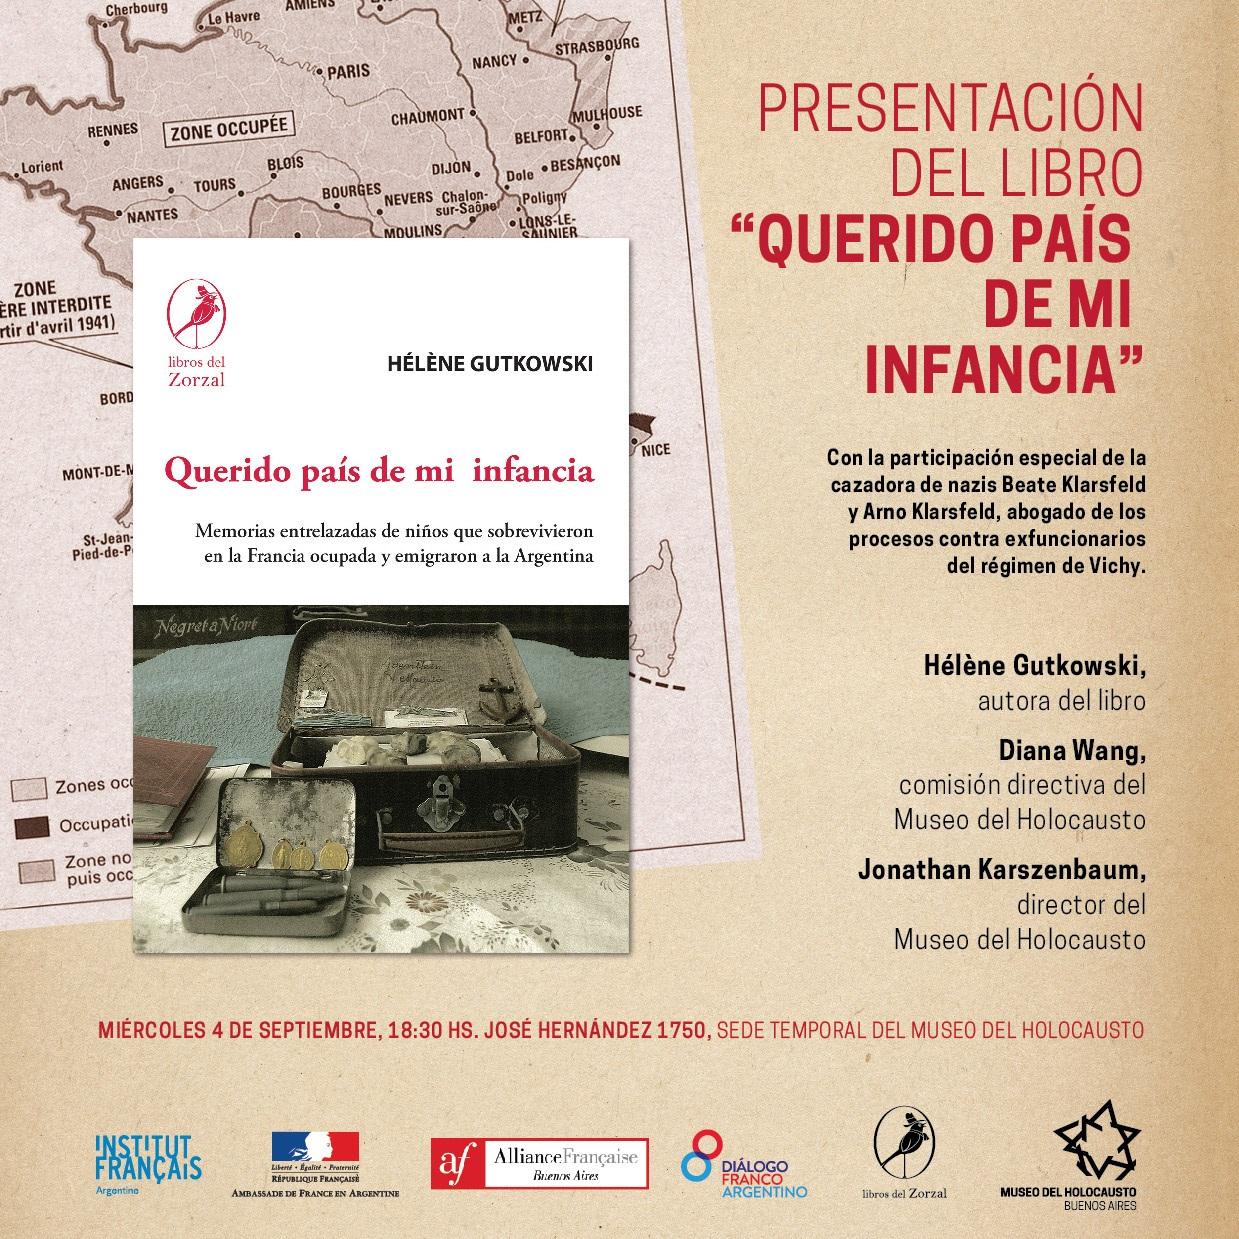 Libro+Gutkowski_flyer+con+textos_SEDE+TEMPORAL.jpg